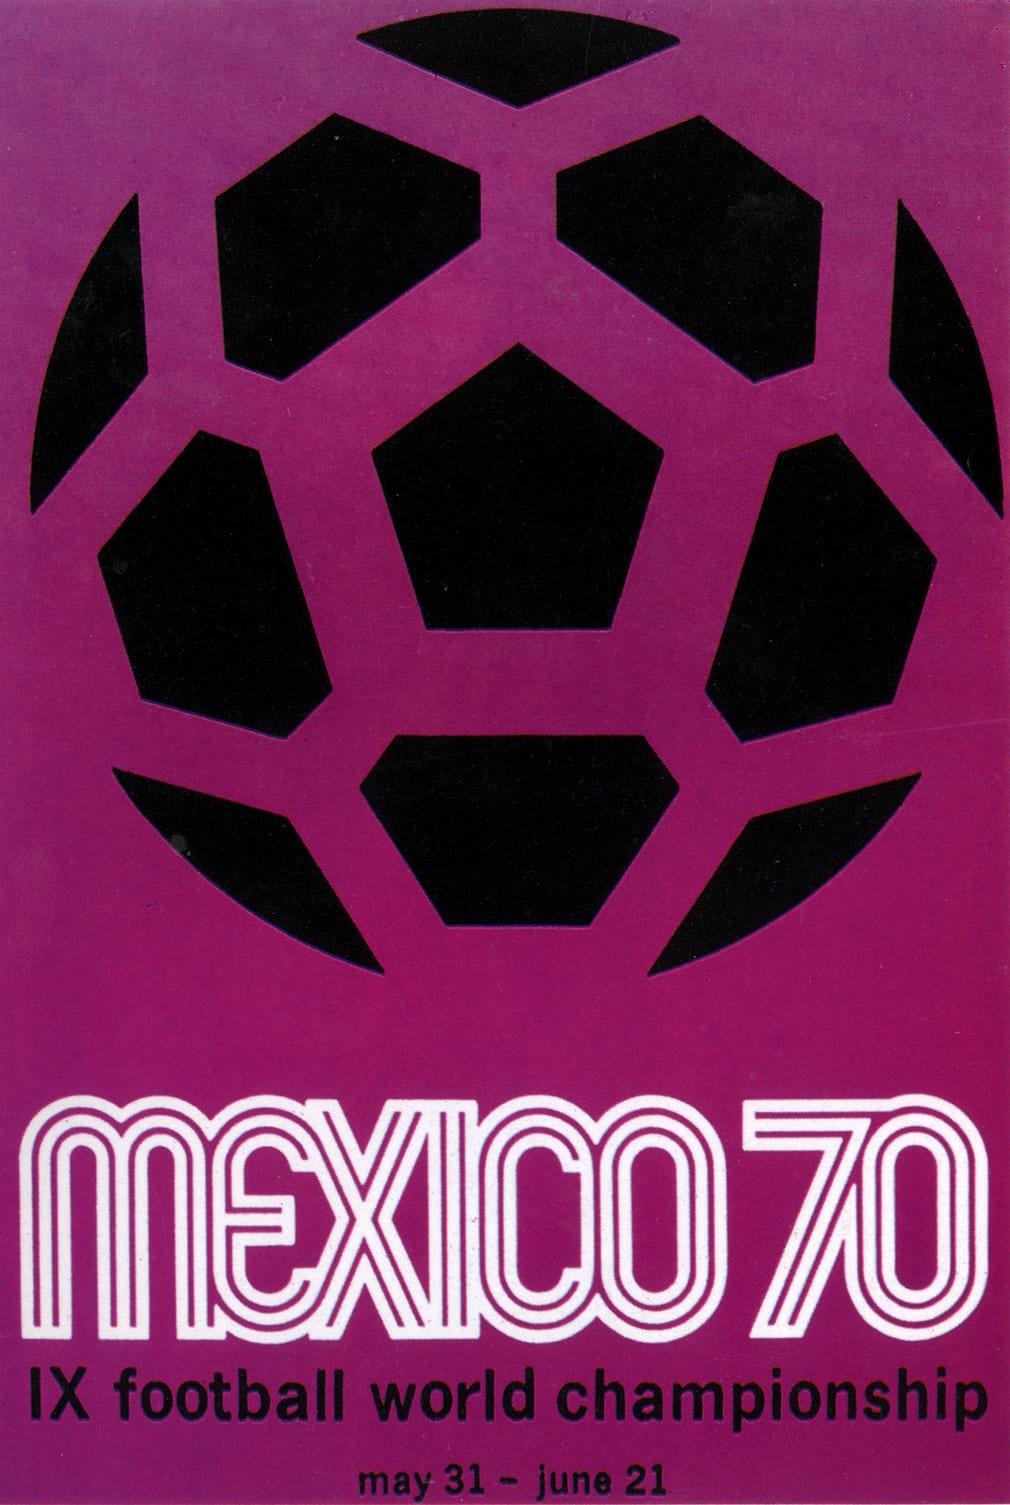 Μεξικό 1970. Ενα πόστερ με έντονο μοβ χρώμα και μεγάλα γράμματα. Είτε σου αρέσει είτε όχι